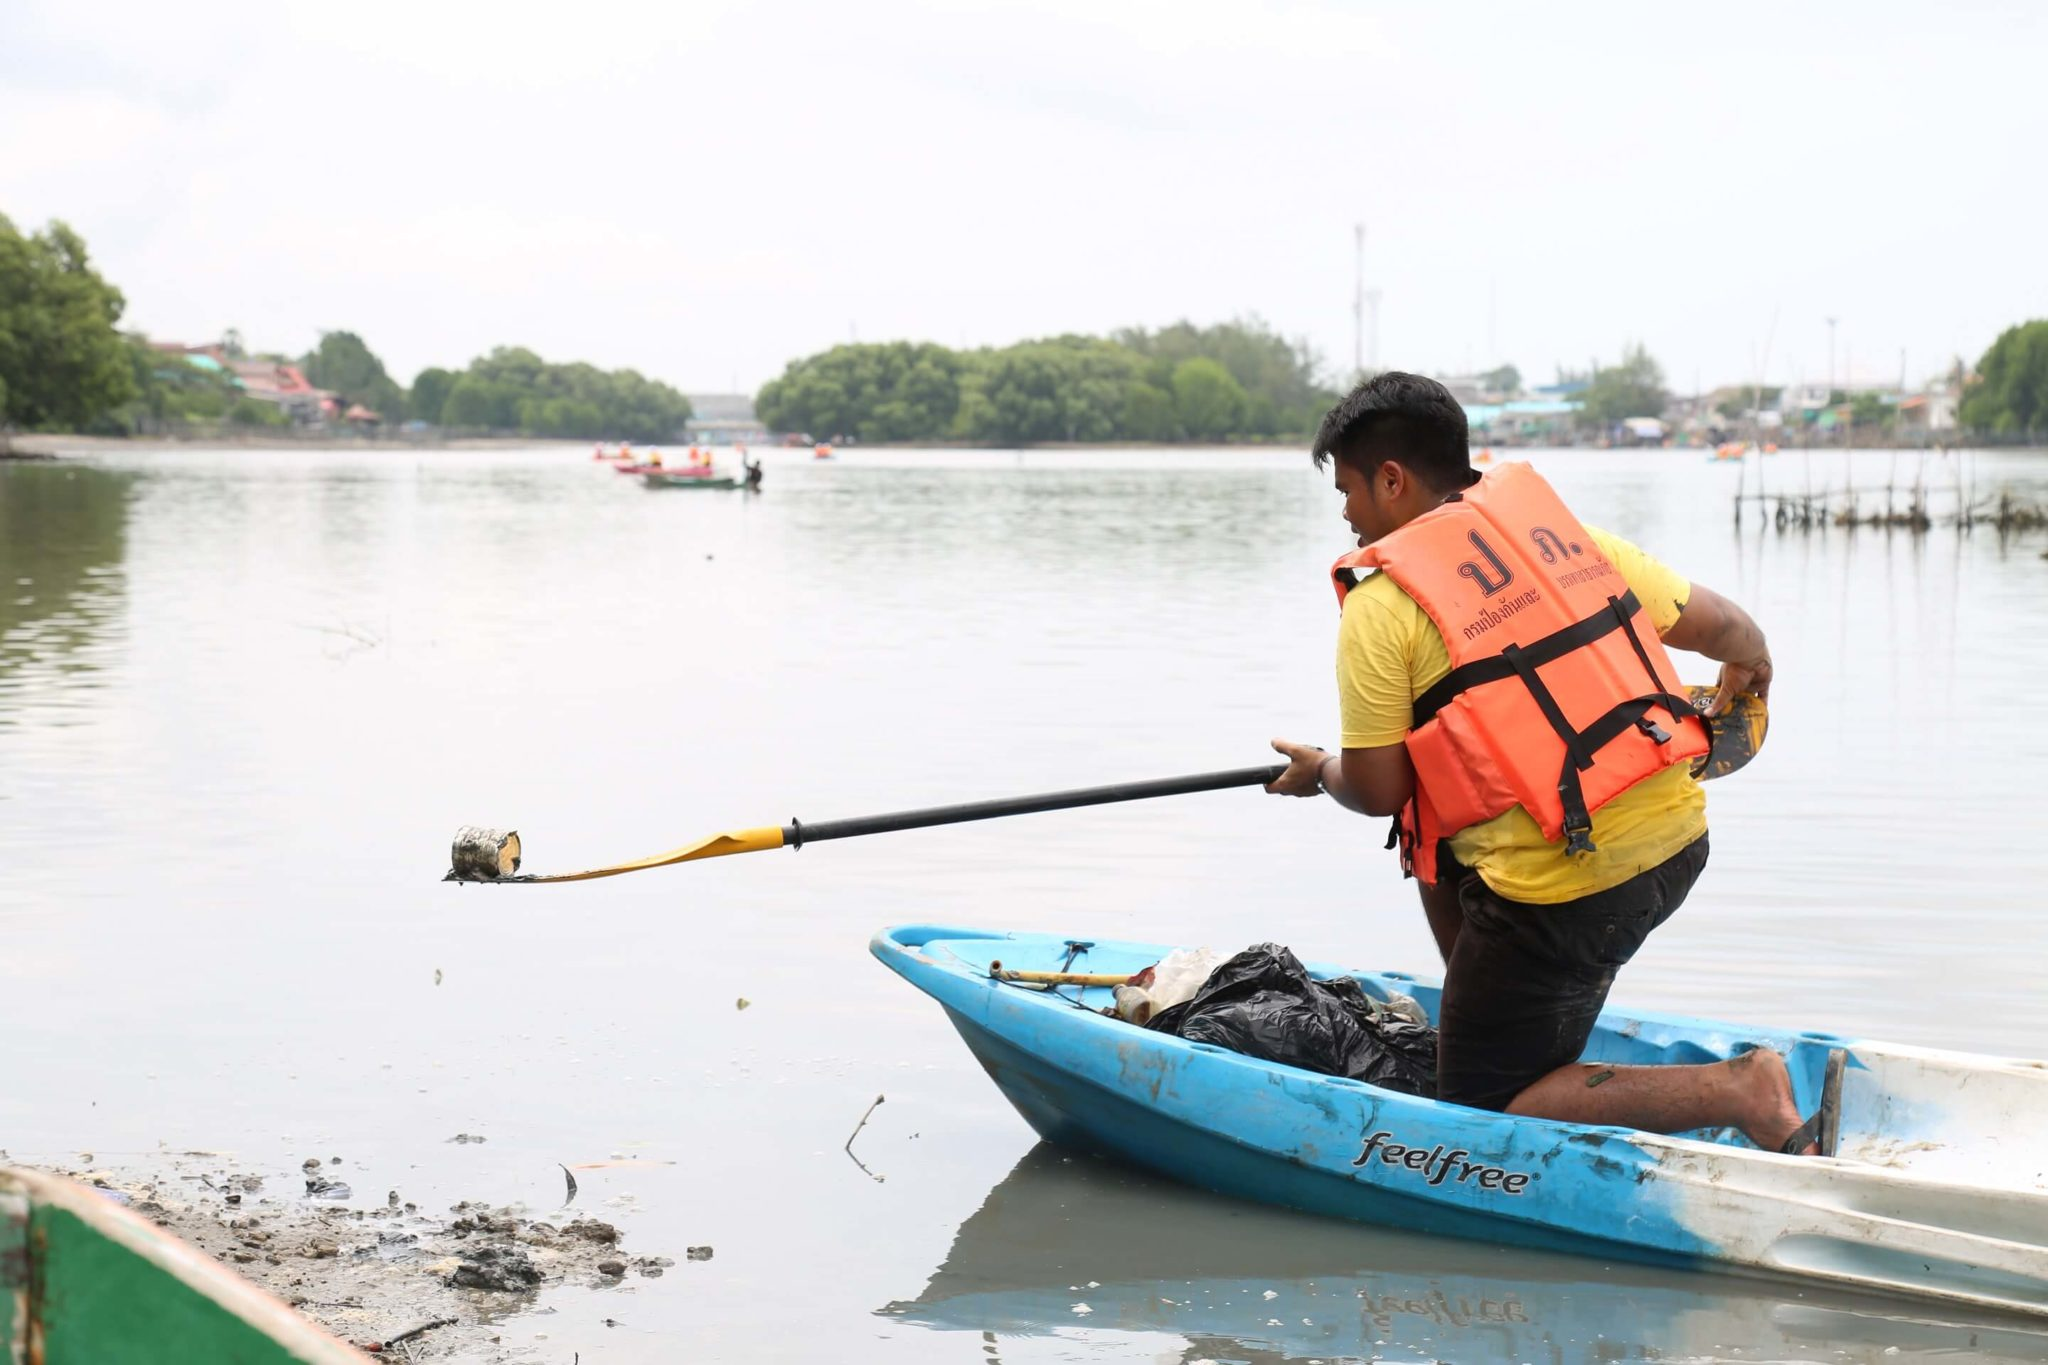 พายเรือเก็บขยะได้ถึง 2 ตัน ธรรมศาสตร์ร่วมสานต่อ #PlasticRights ในแม่น้ำระยอง 20 - junk